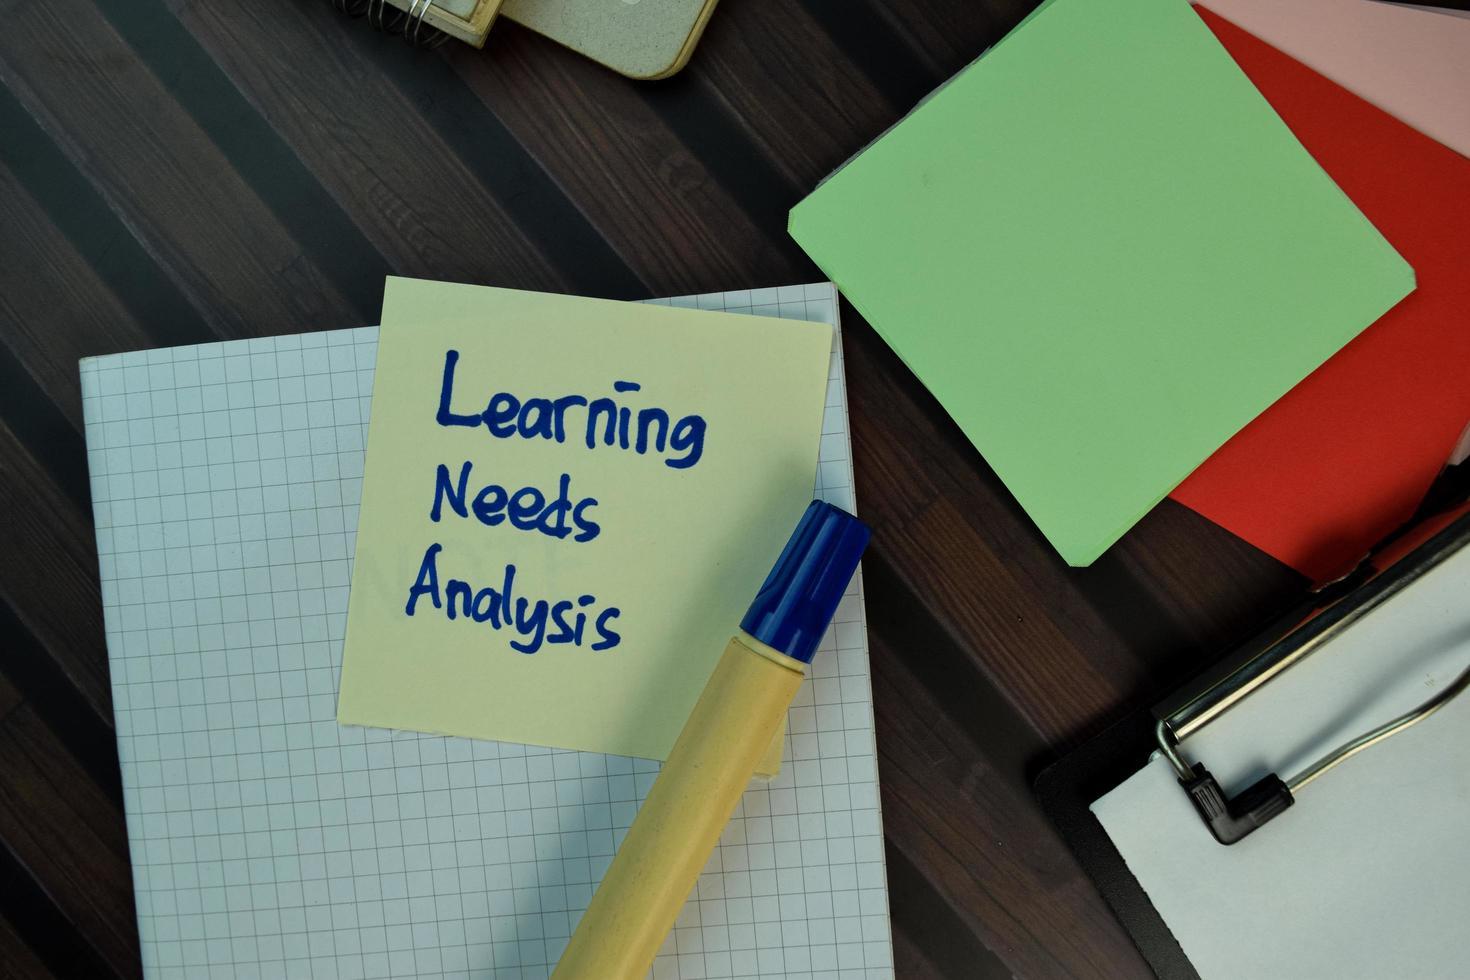 inlärningsbehovsanalys skriven på fästis isolerad på träbord foto